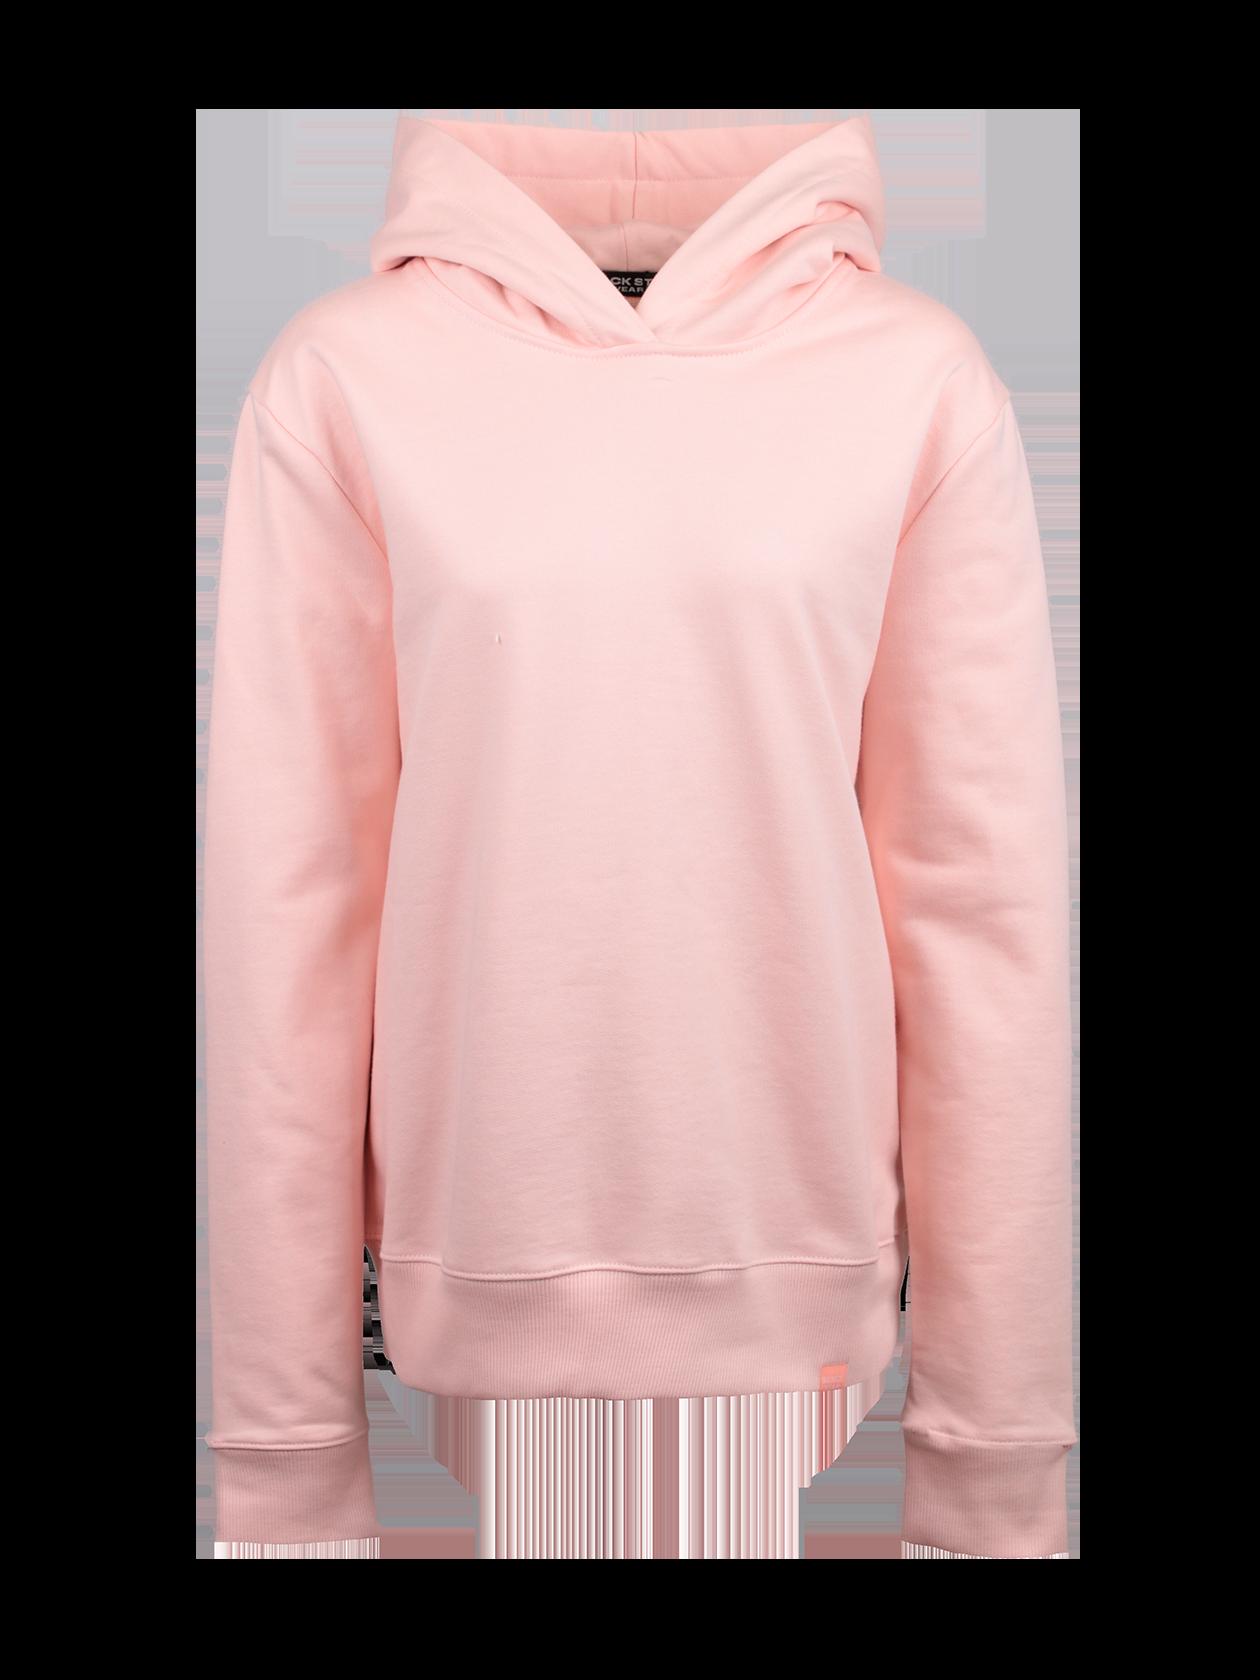 Худи женская NUDEХуди унисекс Nude приятной бледно-розовой расцветки станет неотъемлемой частью любого гардероба. Модель спортивного стиля с объемным капюшоном. Низ и манжеты вещи оформлены широким гофрированным трикотажем в тон к изделию. Внутри по горловине спинки оформлен жаккардовый лейбл Black Star Wear. Фасон прямой, свободный, слегка удлиненный. Худи сшита из плотного футера, приятного к телу, отличается высокой носкостью и практичностью. Подходит для спорта, отдыха, прогулок.<br><br>Размер: XS<br>Цвет: Розовый<br>Пол: Женский